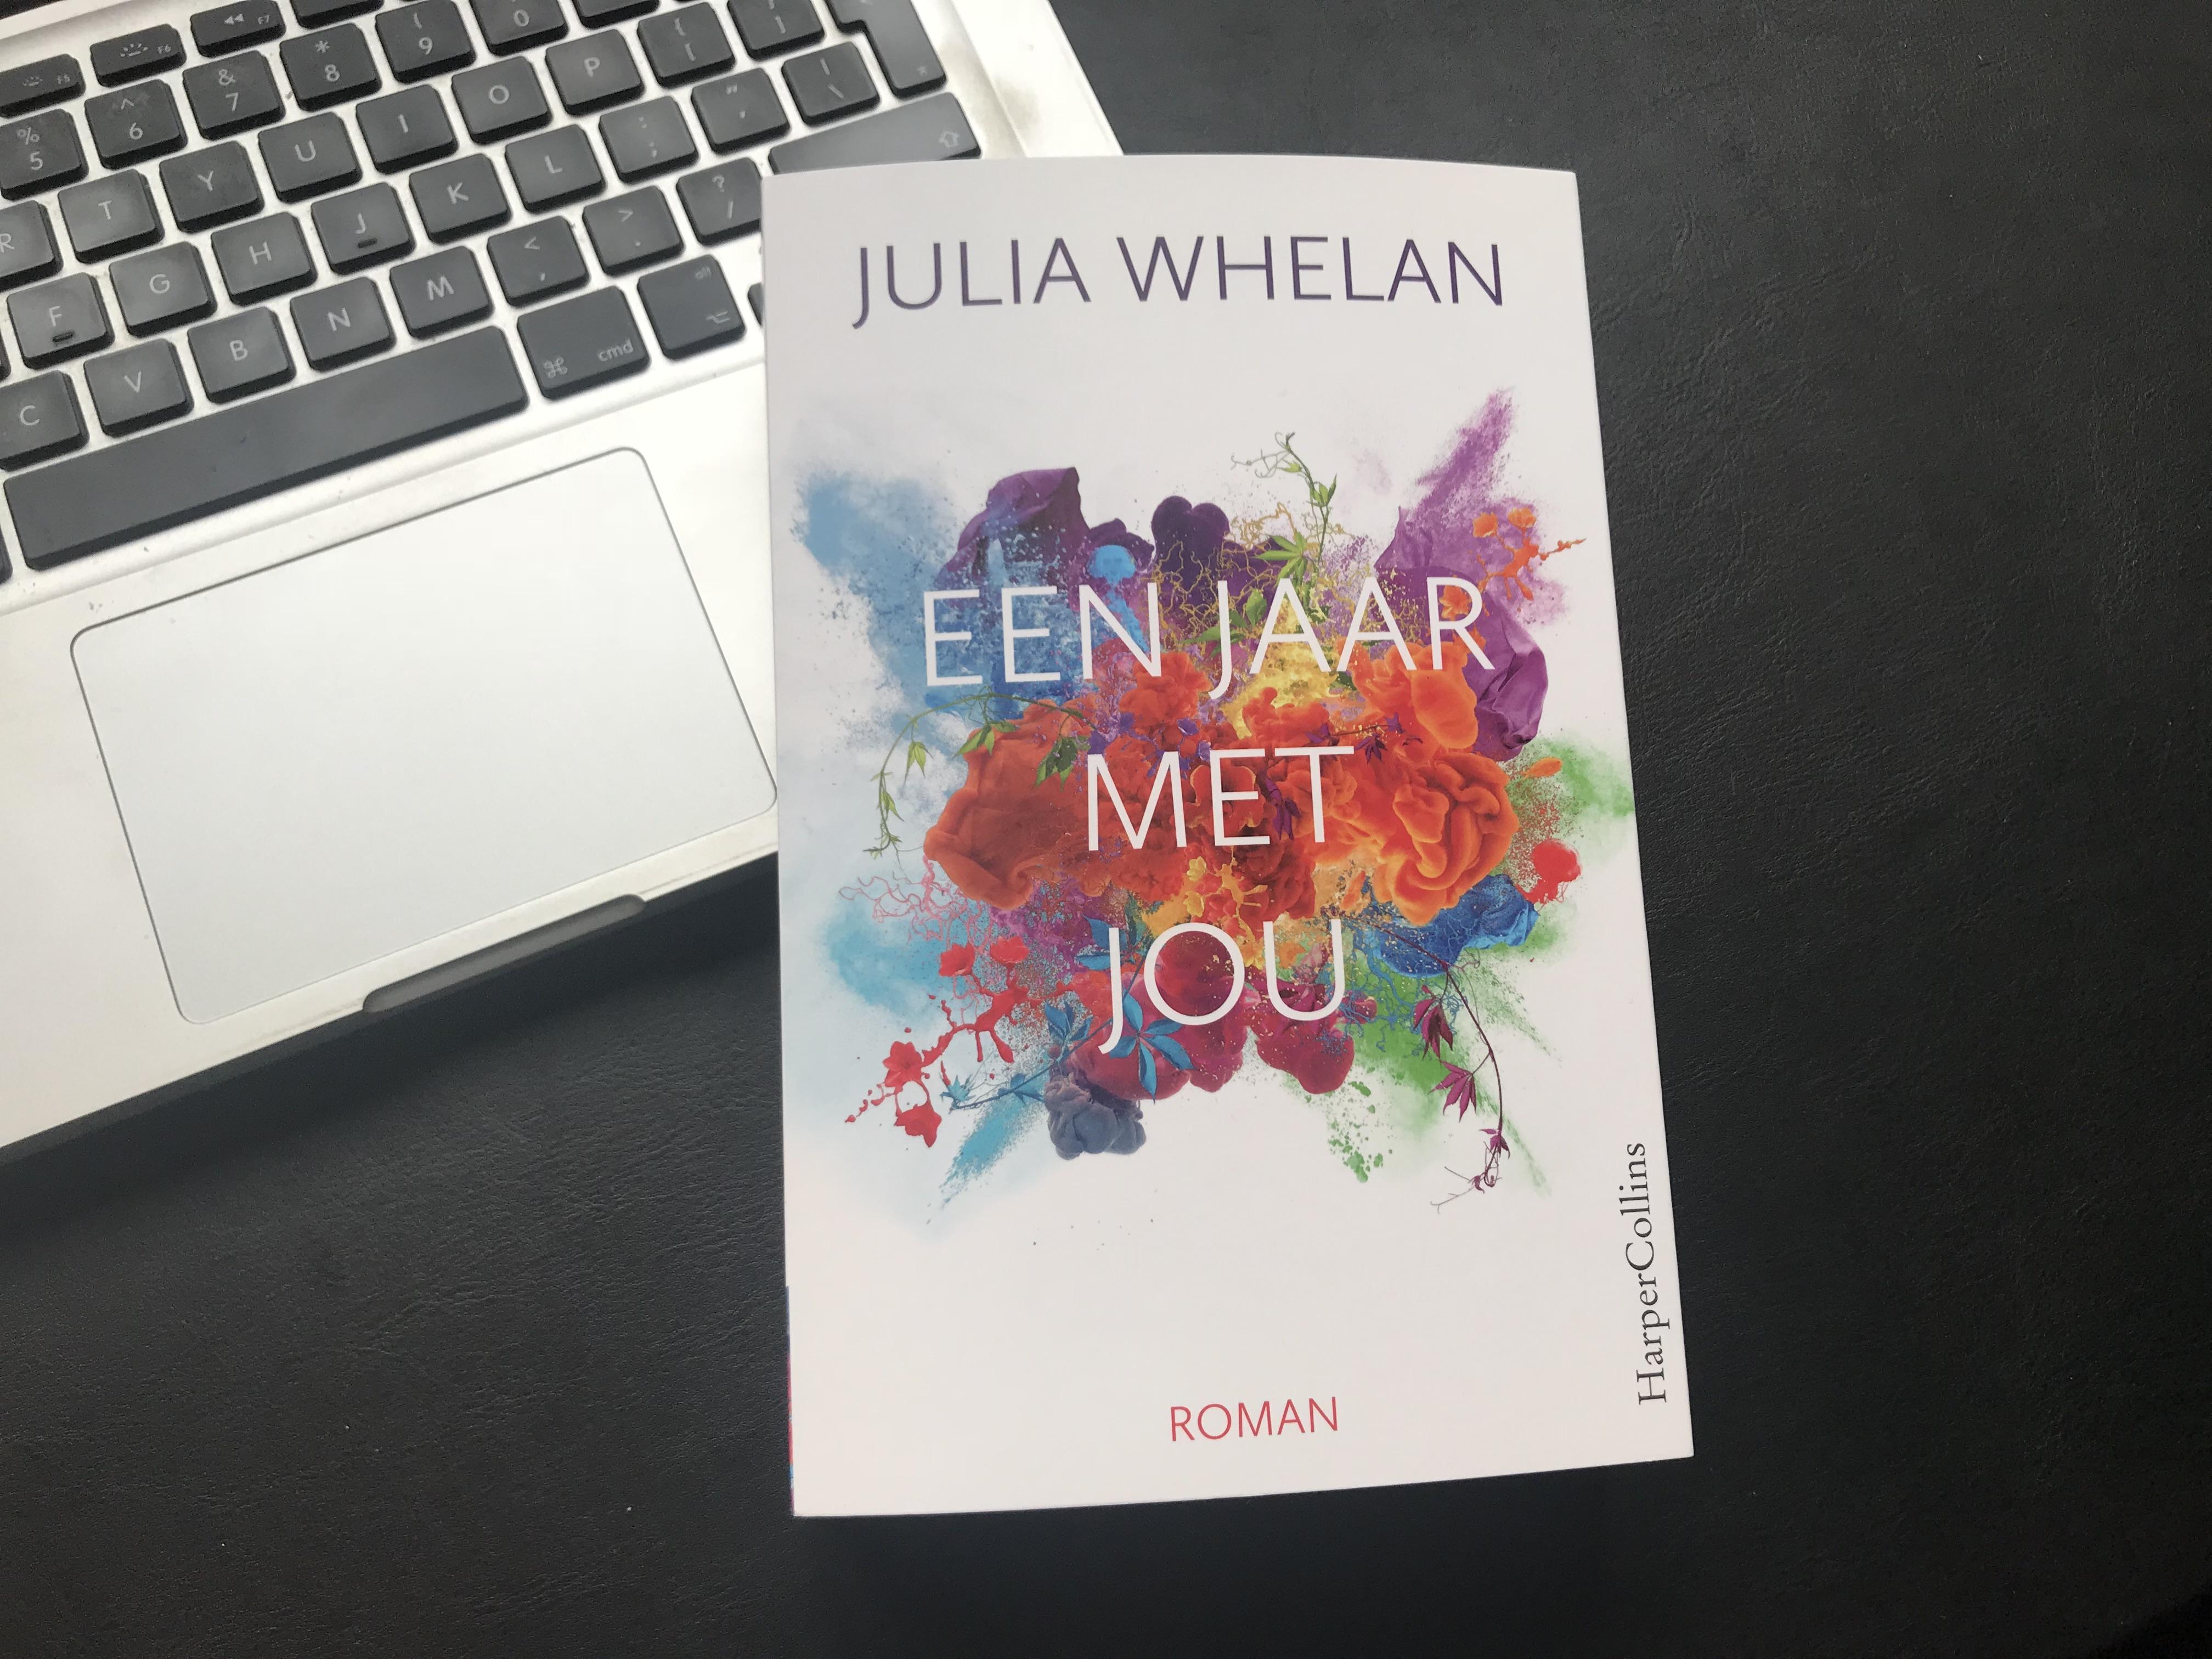 Recensie: Een jaar met jou – Julia Whelan